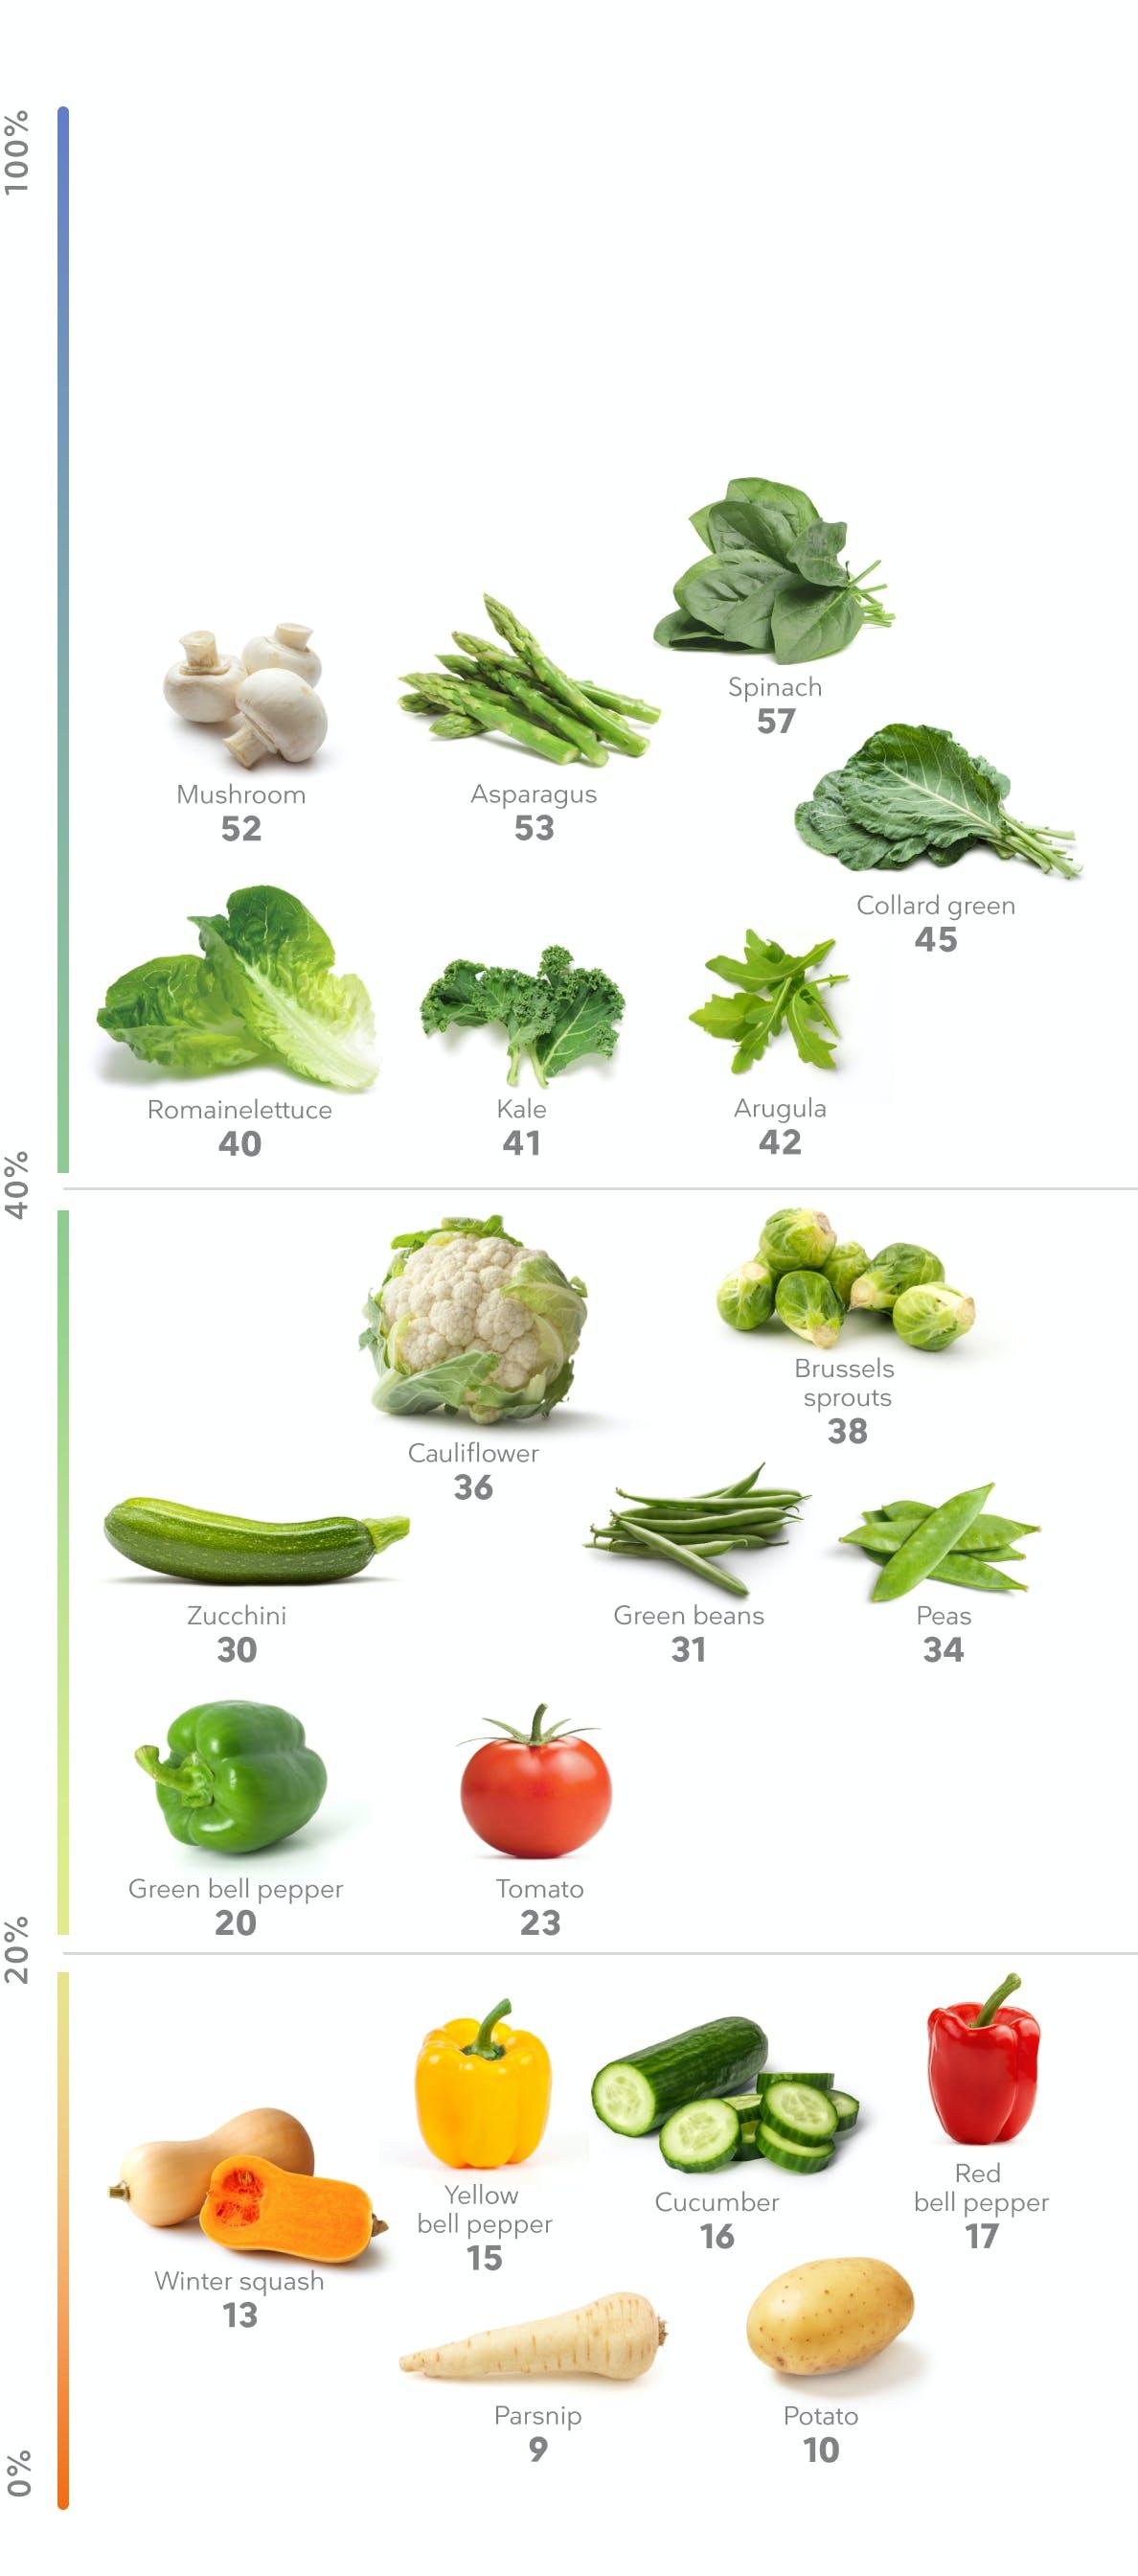 Vegetables_mobile-3